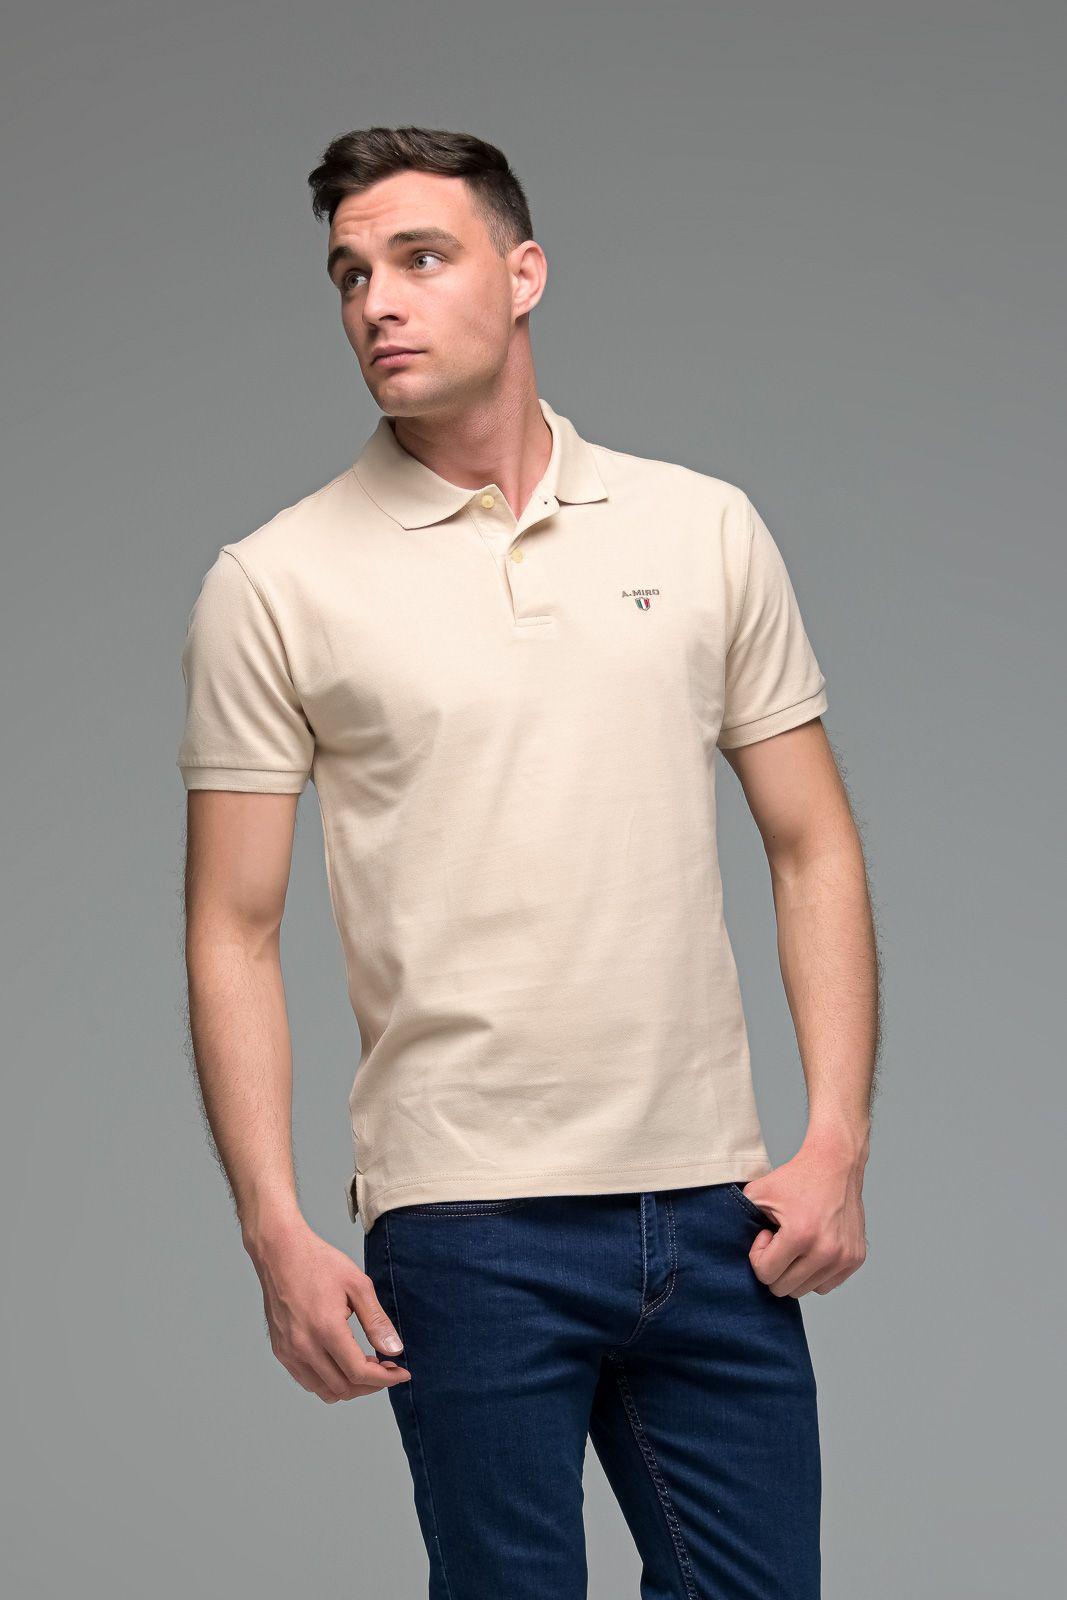 Μονόχρωμο Ανδρικό Πόλο Μπλουζάκι Μπεζ Basic Collection- Slim Fit